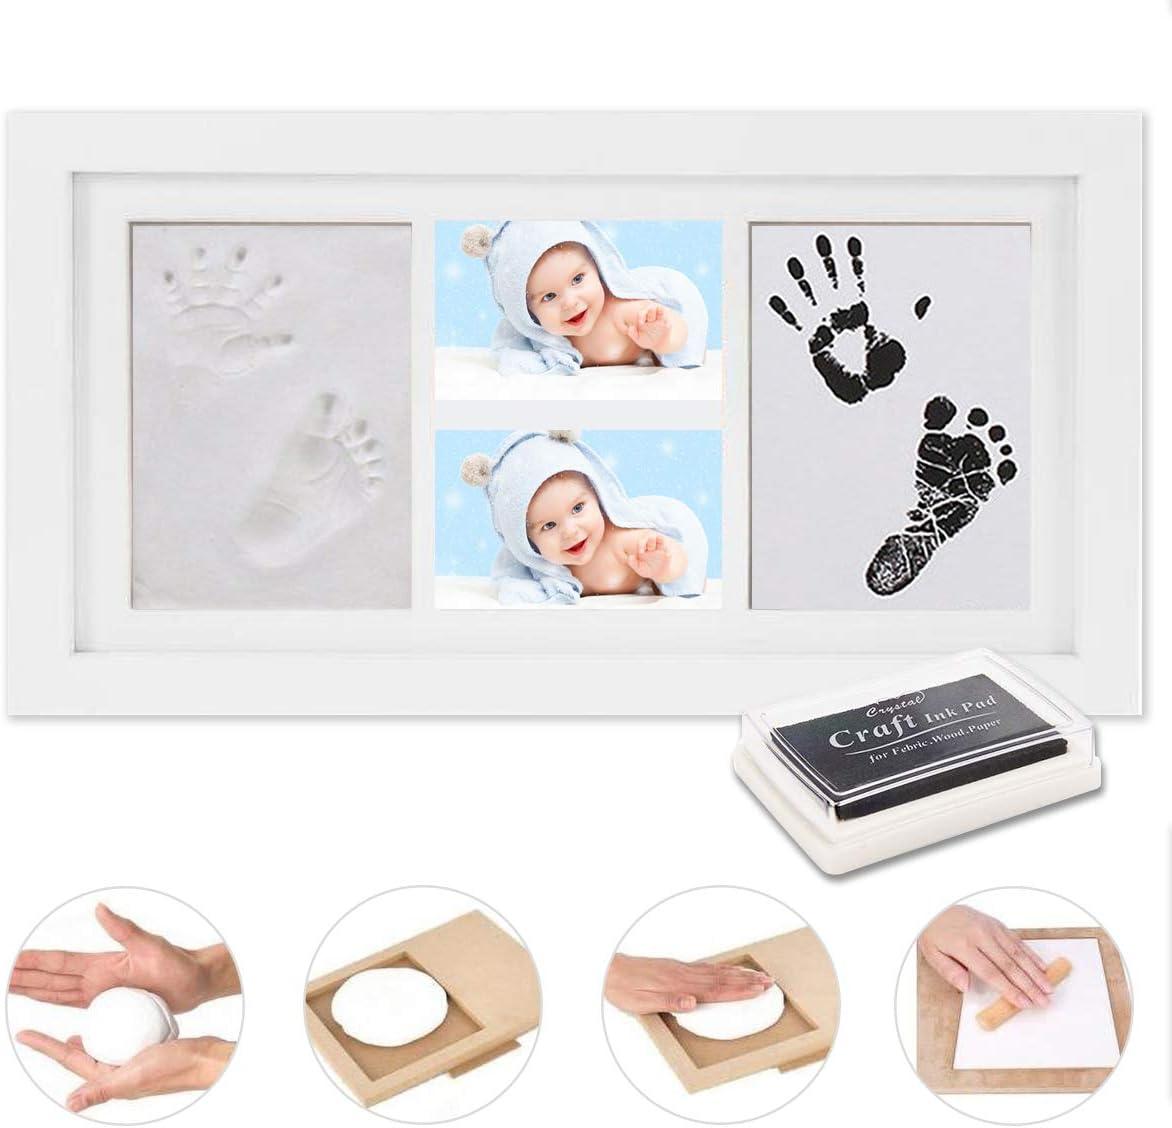 WesKimed Set de Marco de Fotos y Huellas de Bebé en Tinta,Recuerdo memorable,No tóxico,Ideal regalos para bebes,Marco de madera y cristal acrílico,Ideal decoración o regalo de baby shower